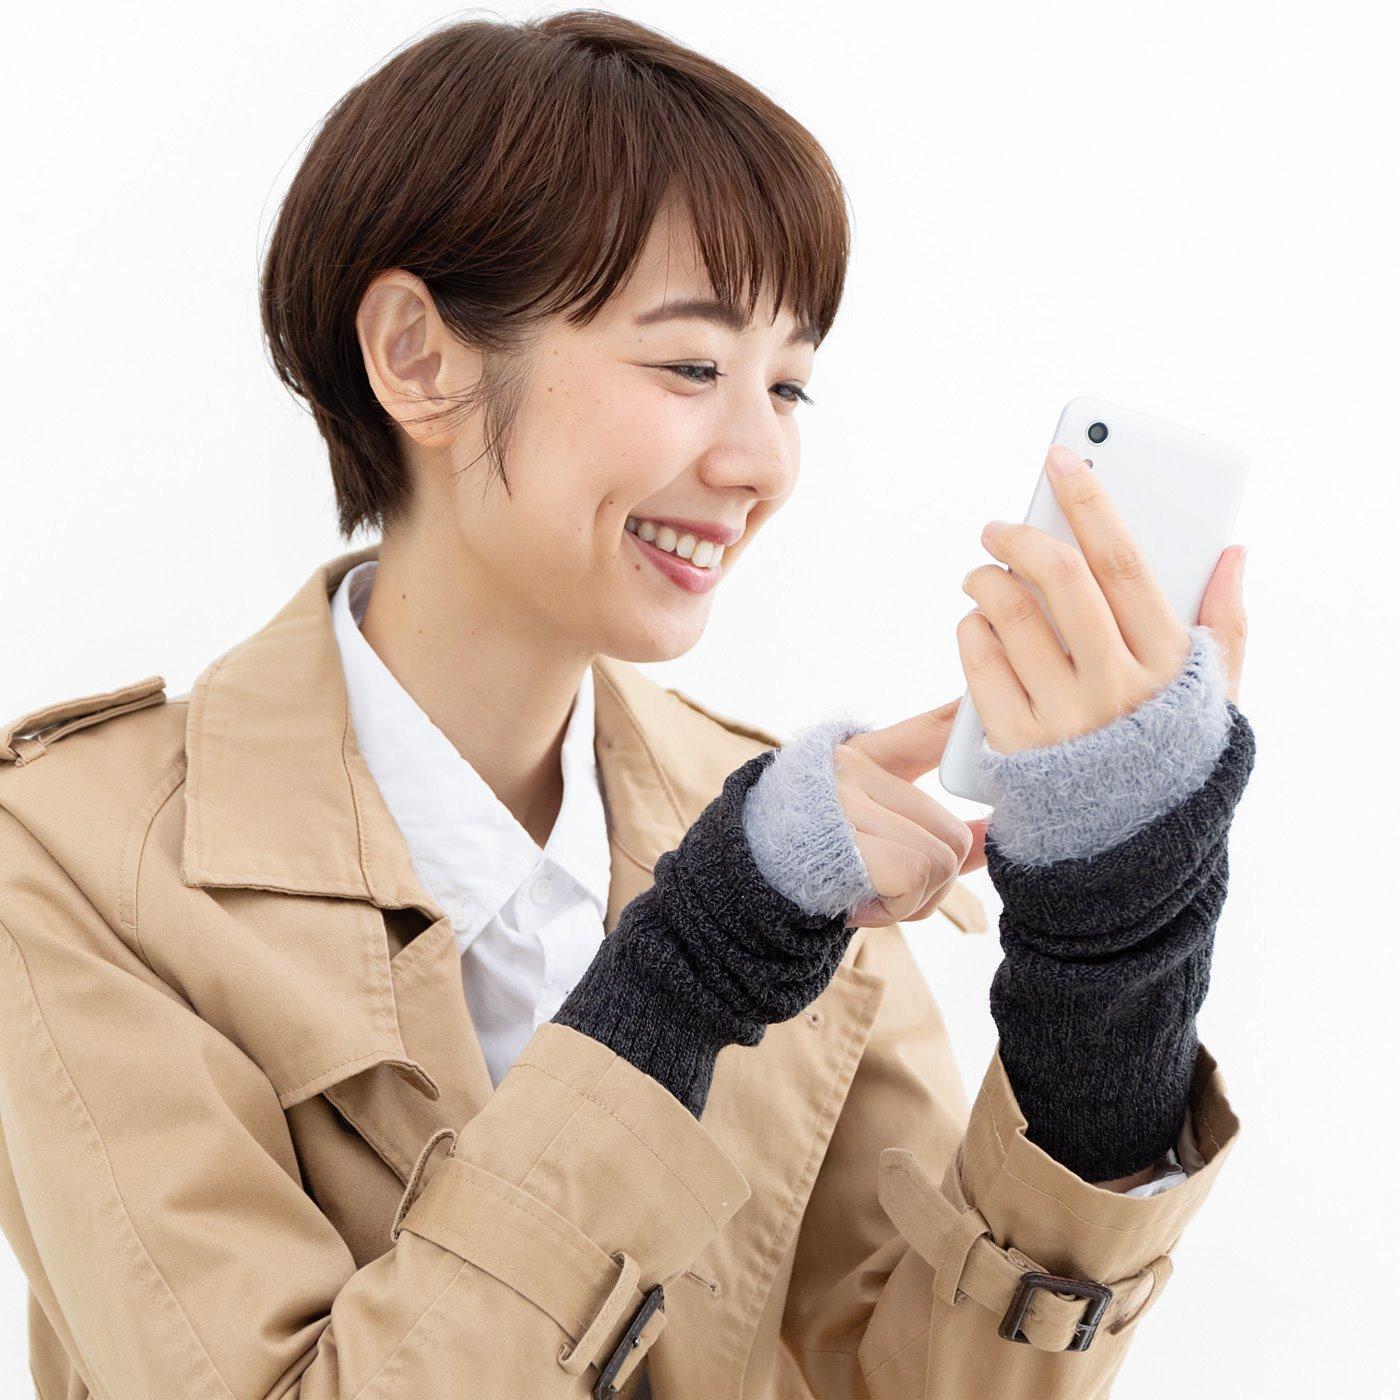 指先がすぐに使えてスマホに便利 シルクの肌当たりで手もとをすっぽりと包んでくれるハンドウォーマーの会